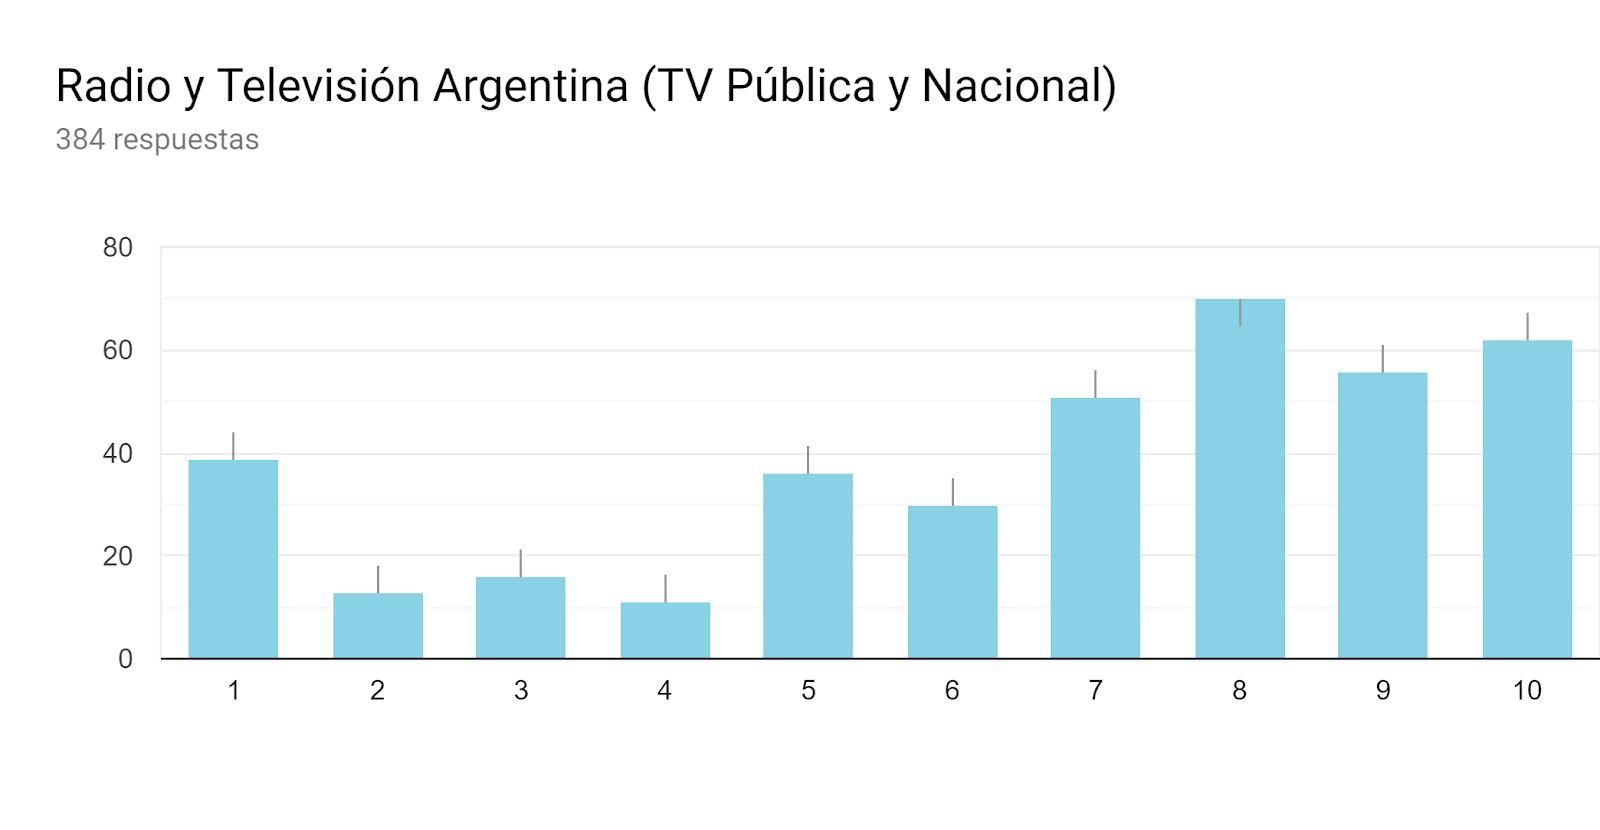 Gráfico de respuestas de formularios. Título de la pregunta:Radio y Televisión Argentina (TV Pública y Nacional). Número de respuestas:384 respuestas.